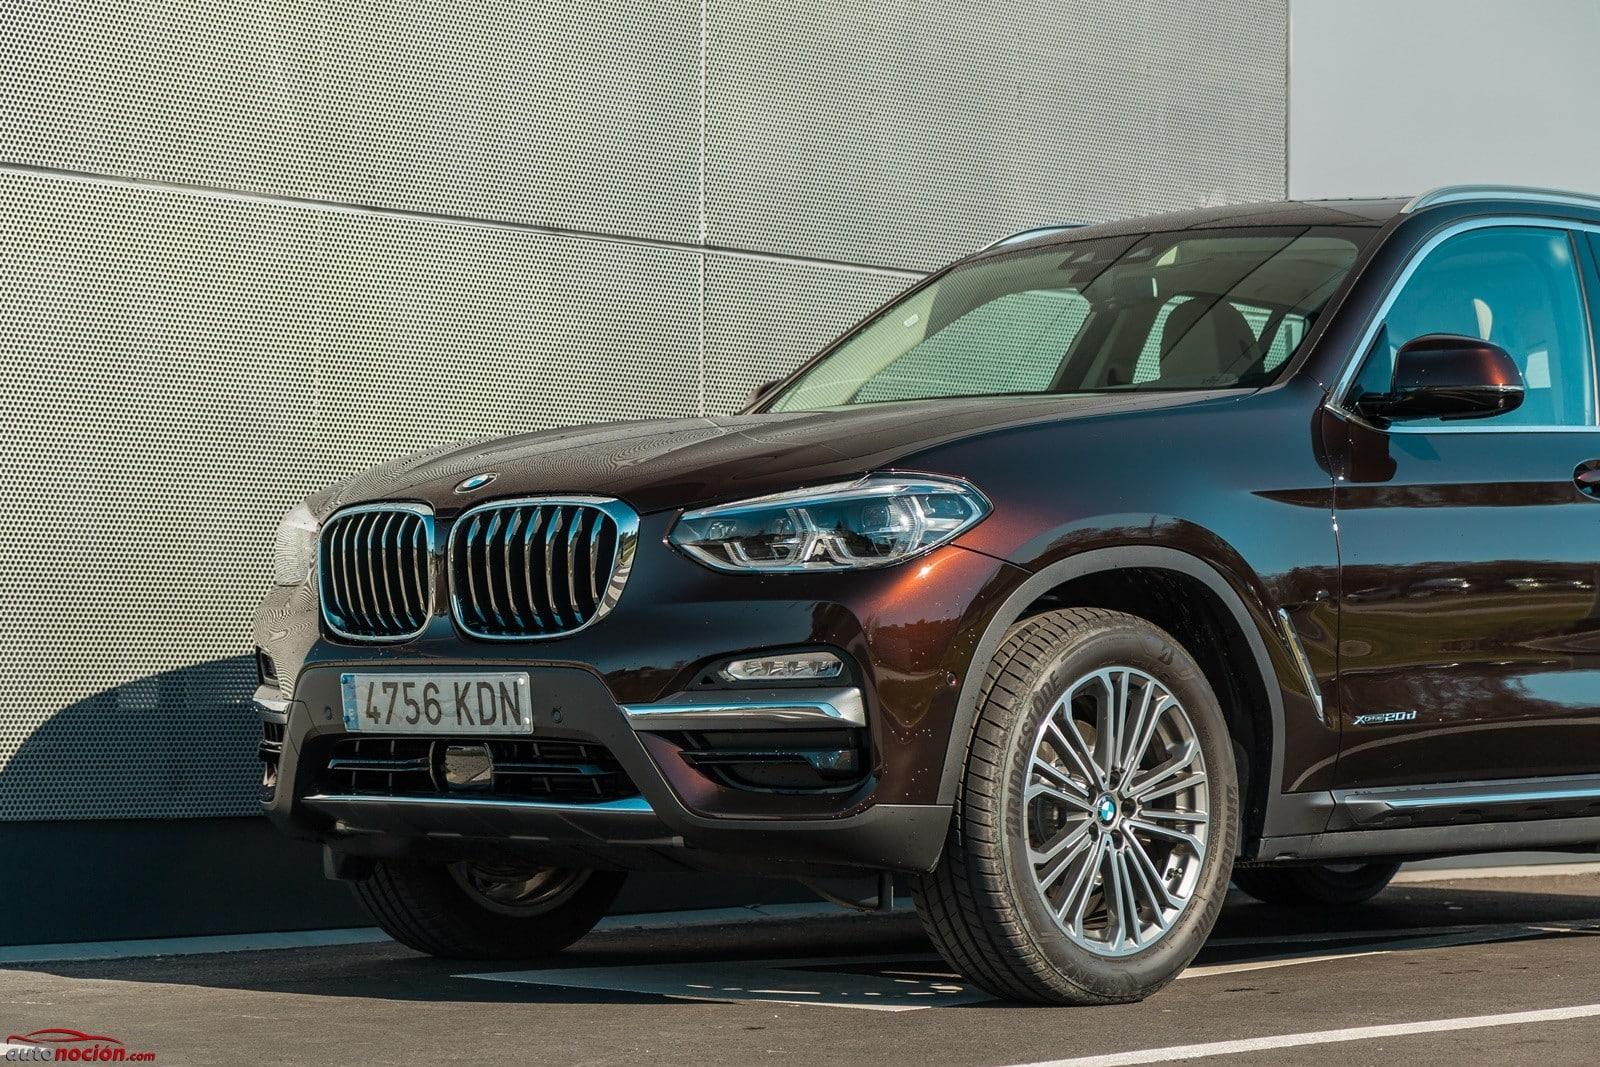 Prueba BMW X3 xDrive20d Luxury Line 190 CV: La opción más acertada ...